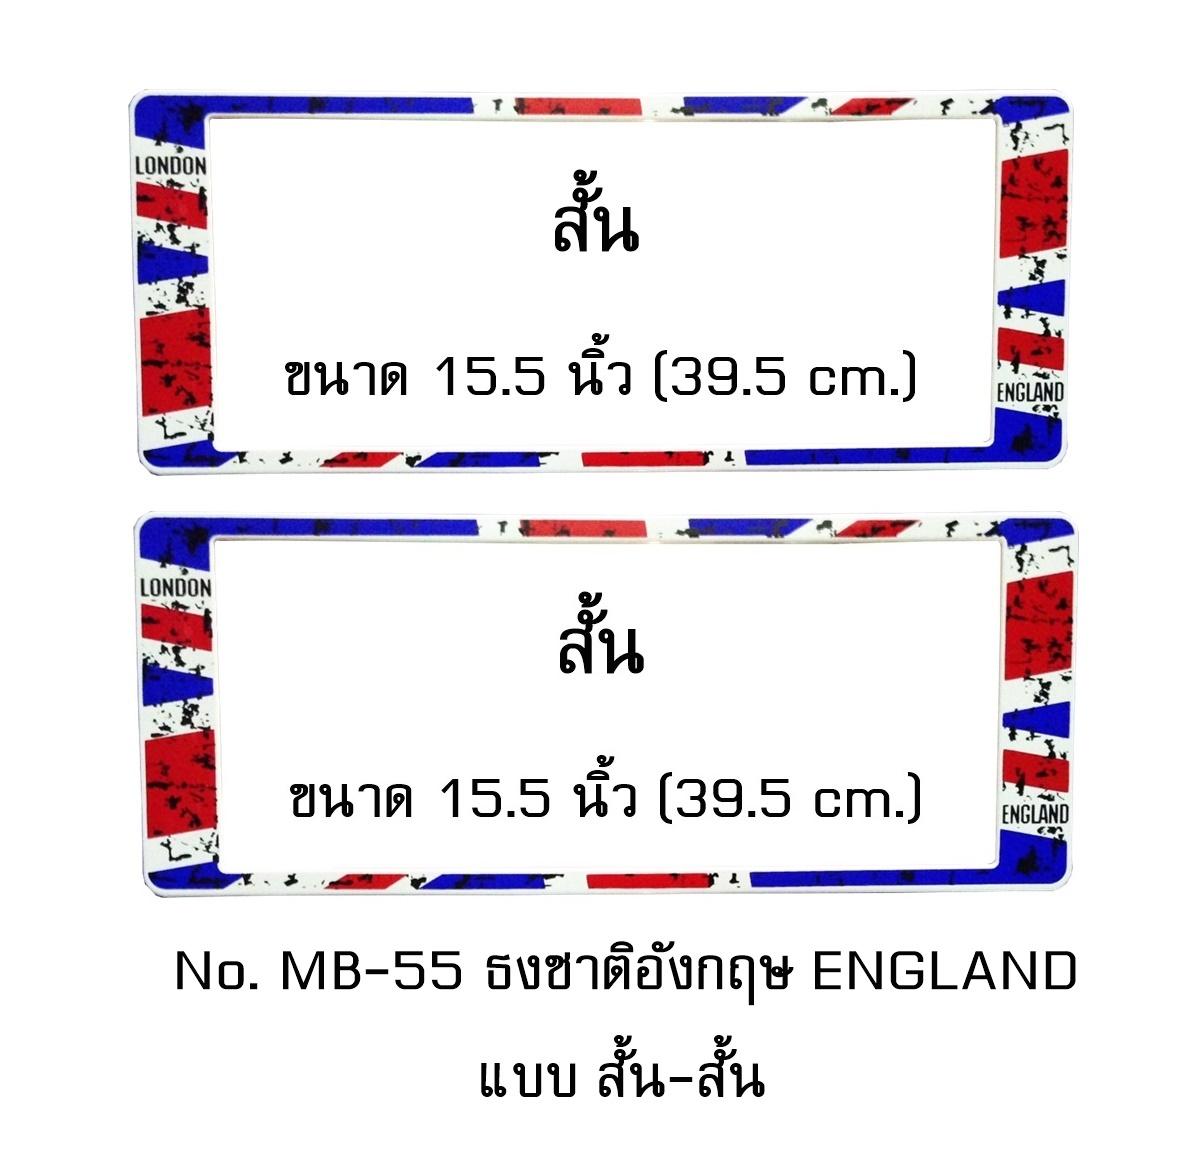 กรอบป้ายทะเบียนรถยนต์กันน้ำ MB-55 FLAG ธงชาติอังกฤษ ลายพราง สั้น-สั้น ระบบล็อค8จุด อะไหล่ครบ